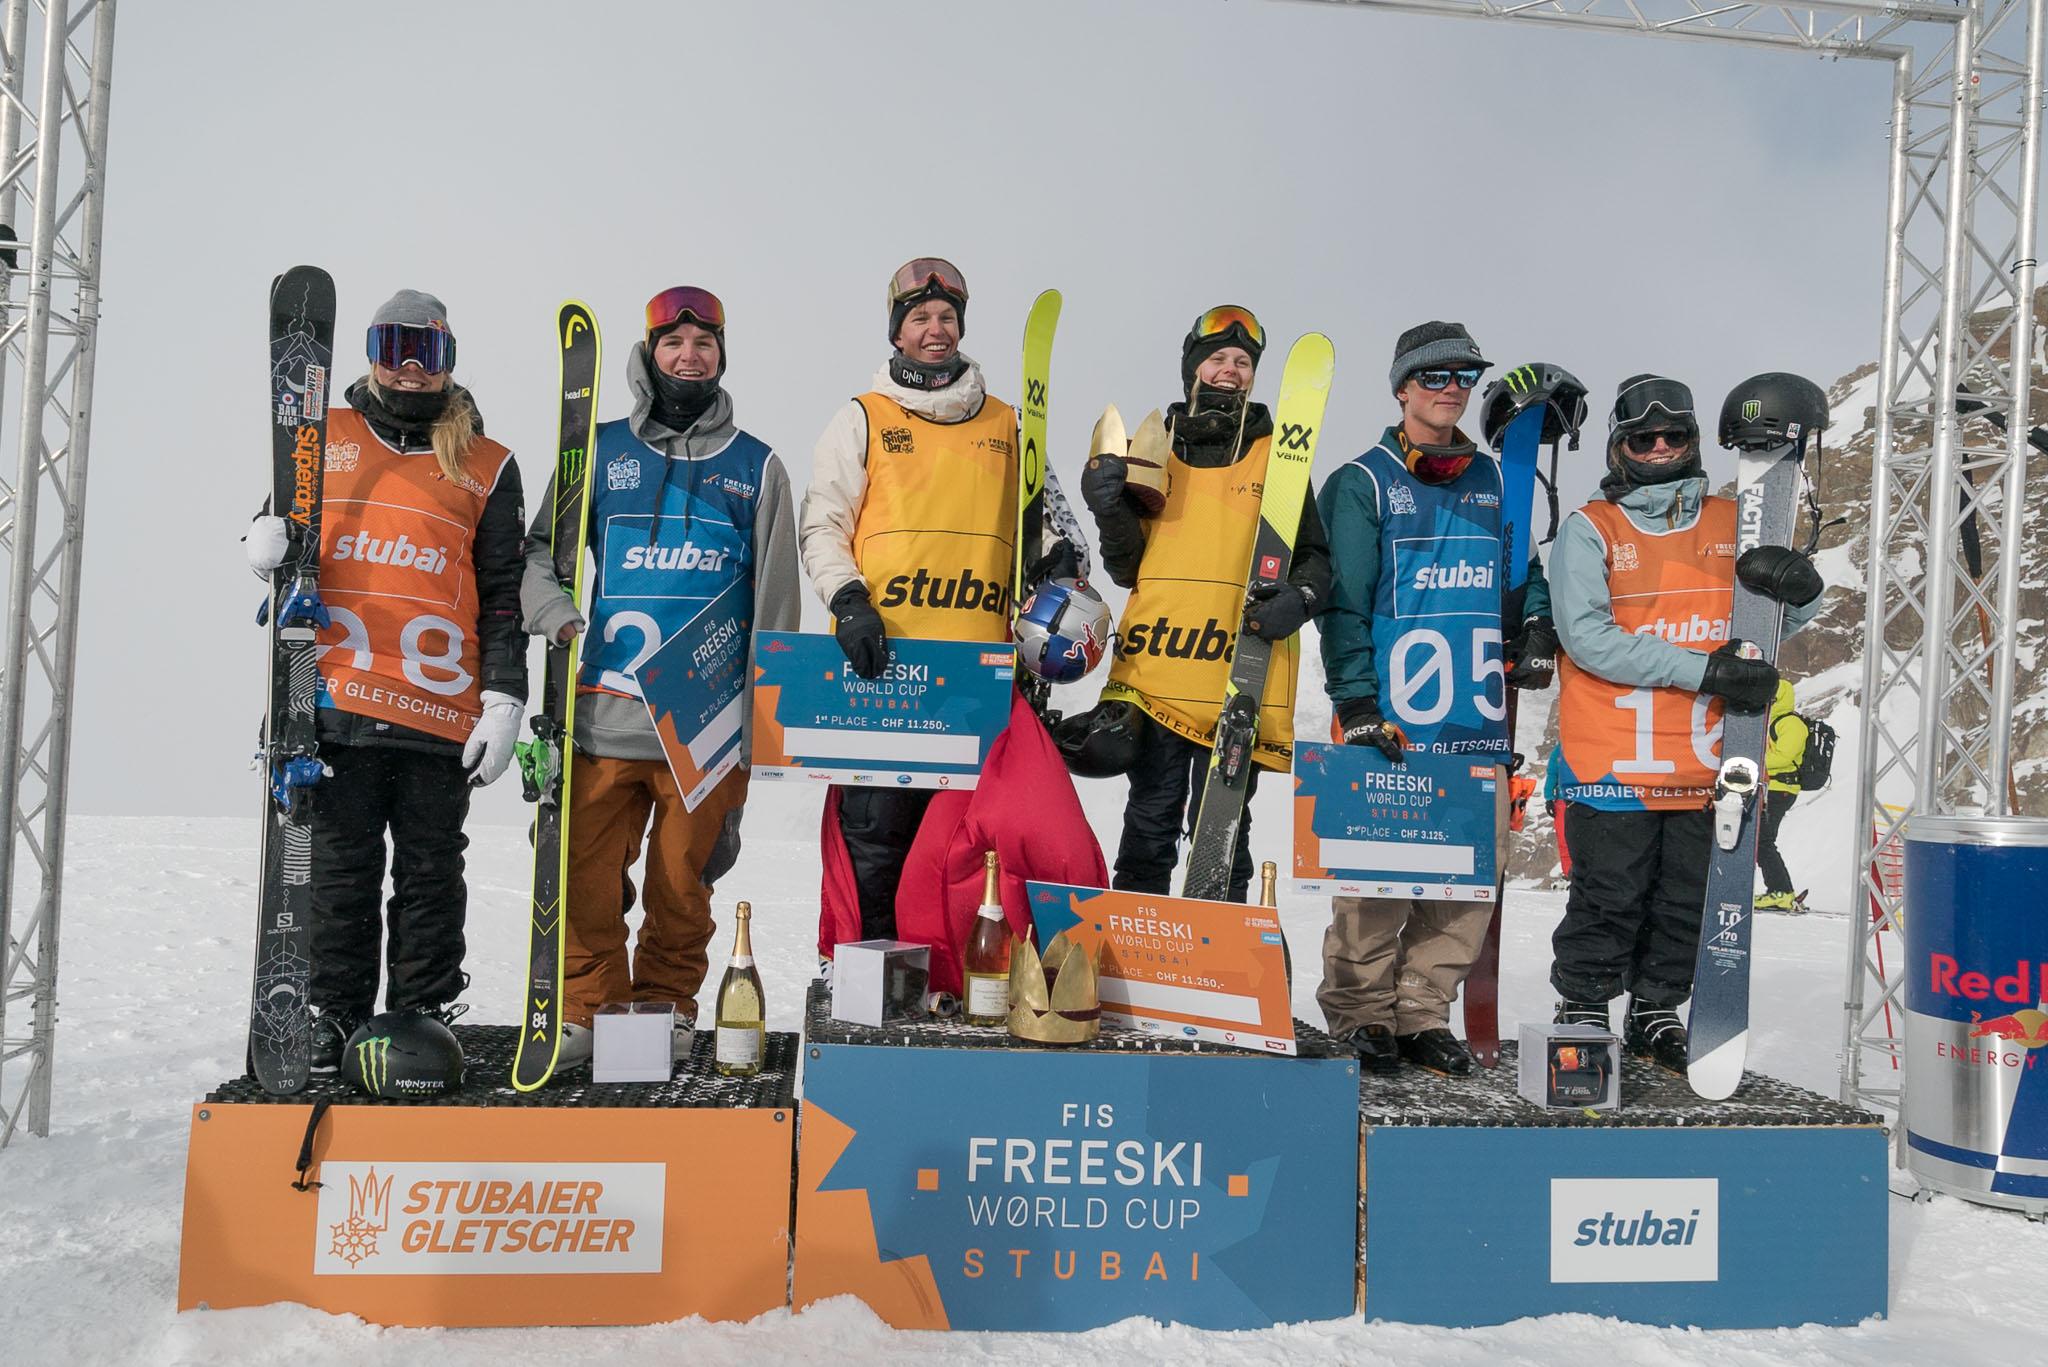 Die Top 3 Männer sowie Frauen beim Stubai Freeski Worldcup 2017: Katie Summerhayes, Evan Mceachran, Oystein Braten, Jennie-Lee Burmansson, Colby Stevenson, Claire Caroline (v.l.n.r.)